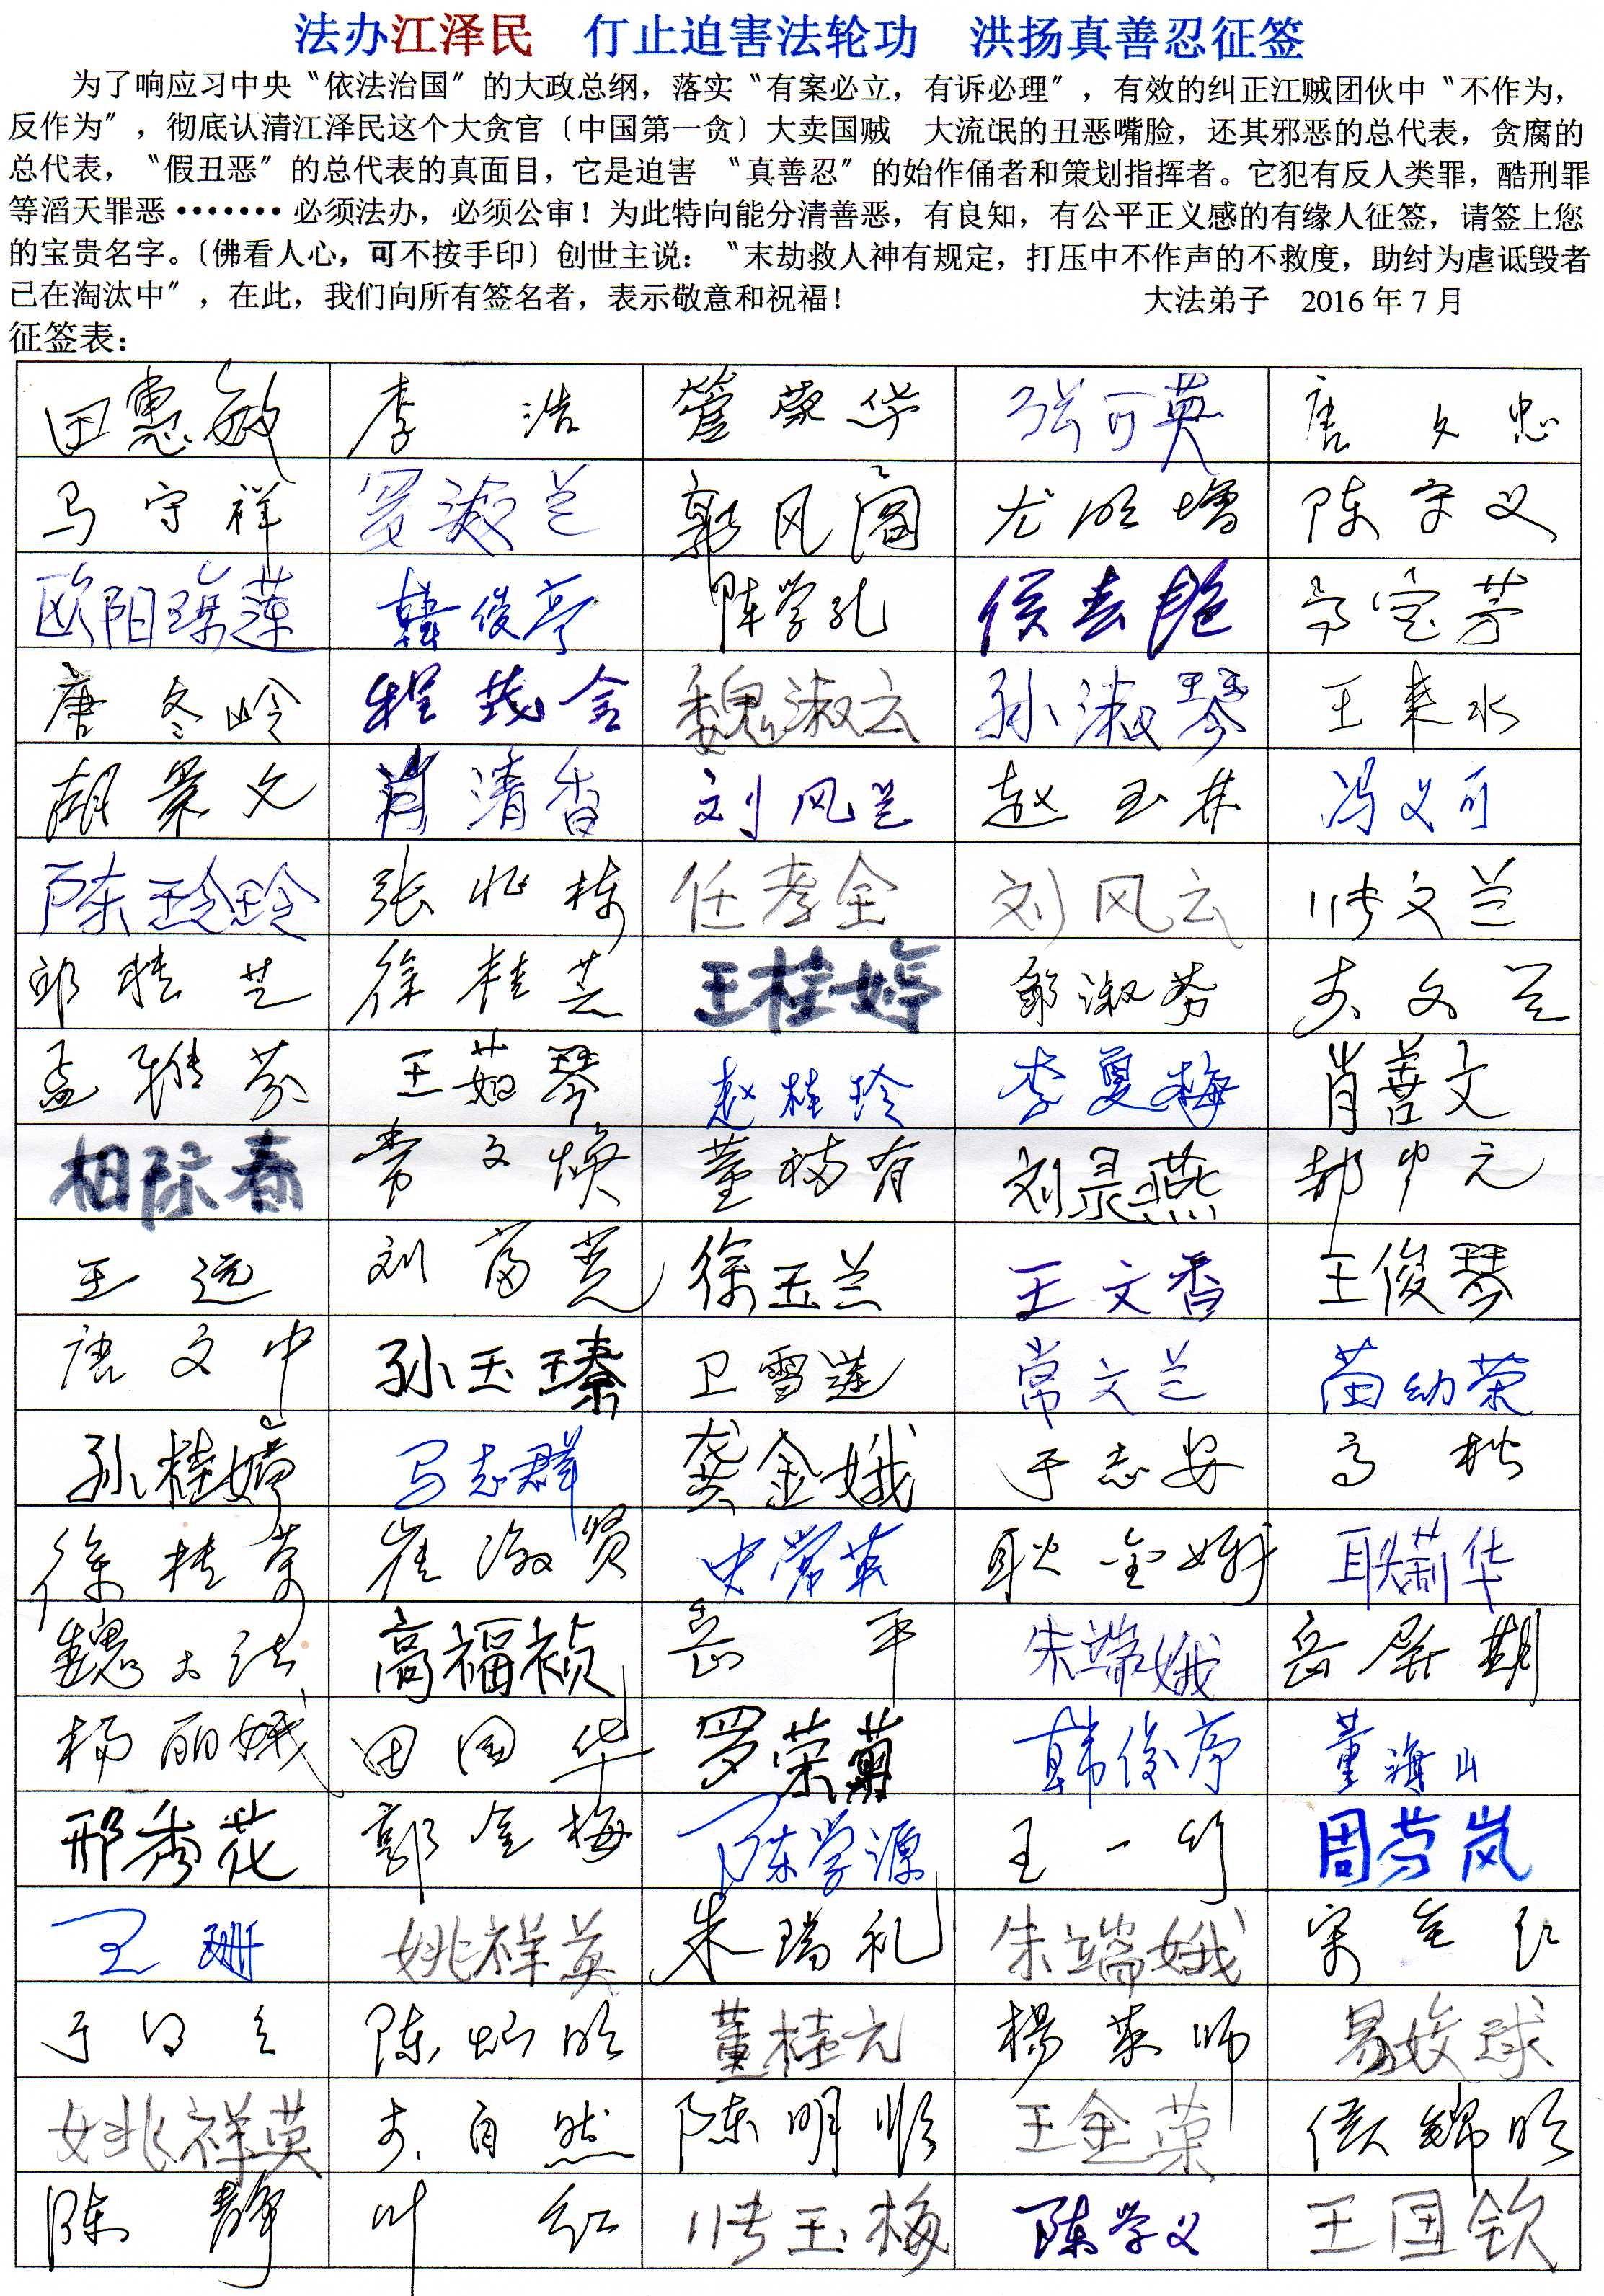 北京民众举报江泽民。